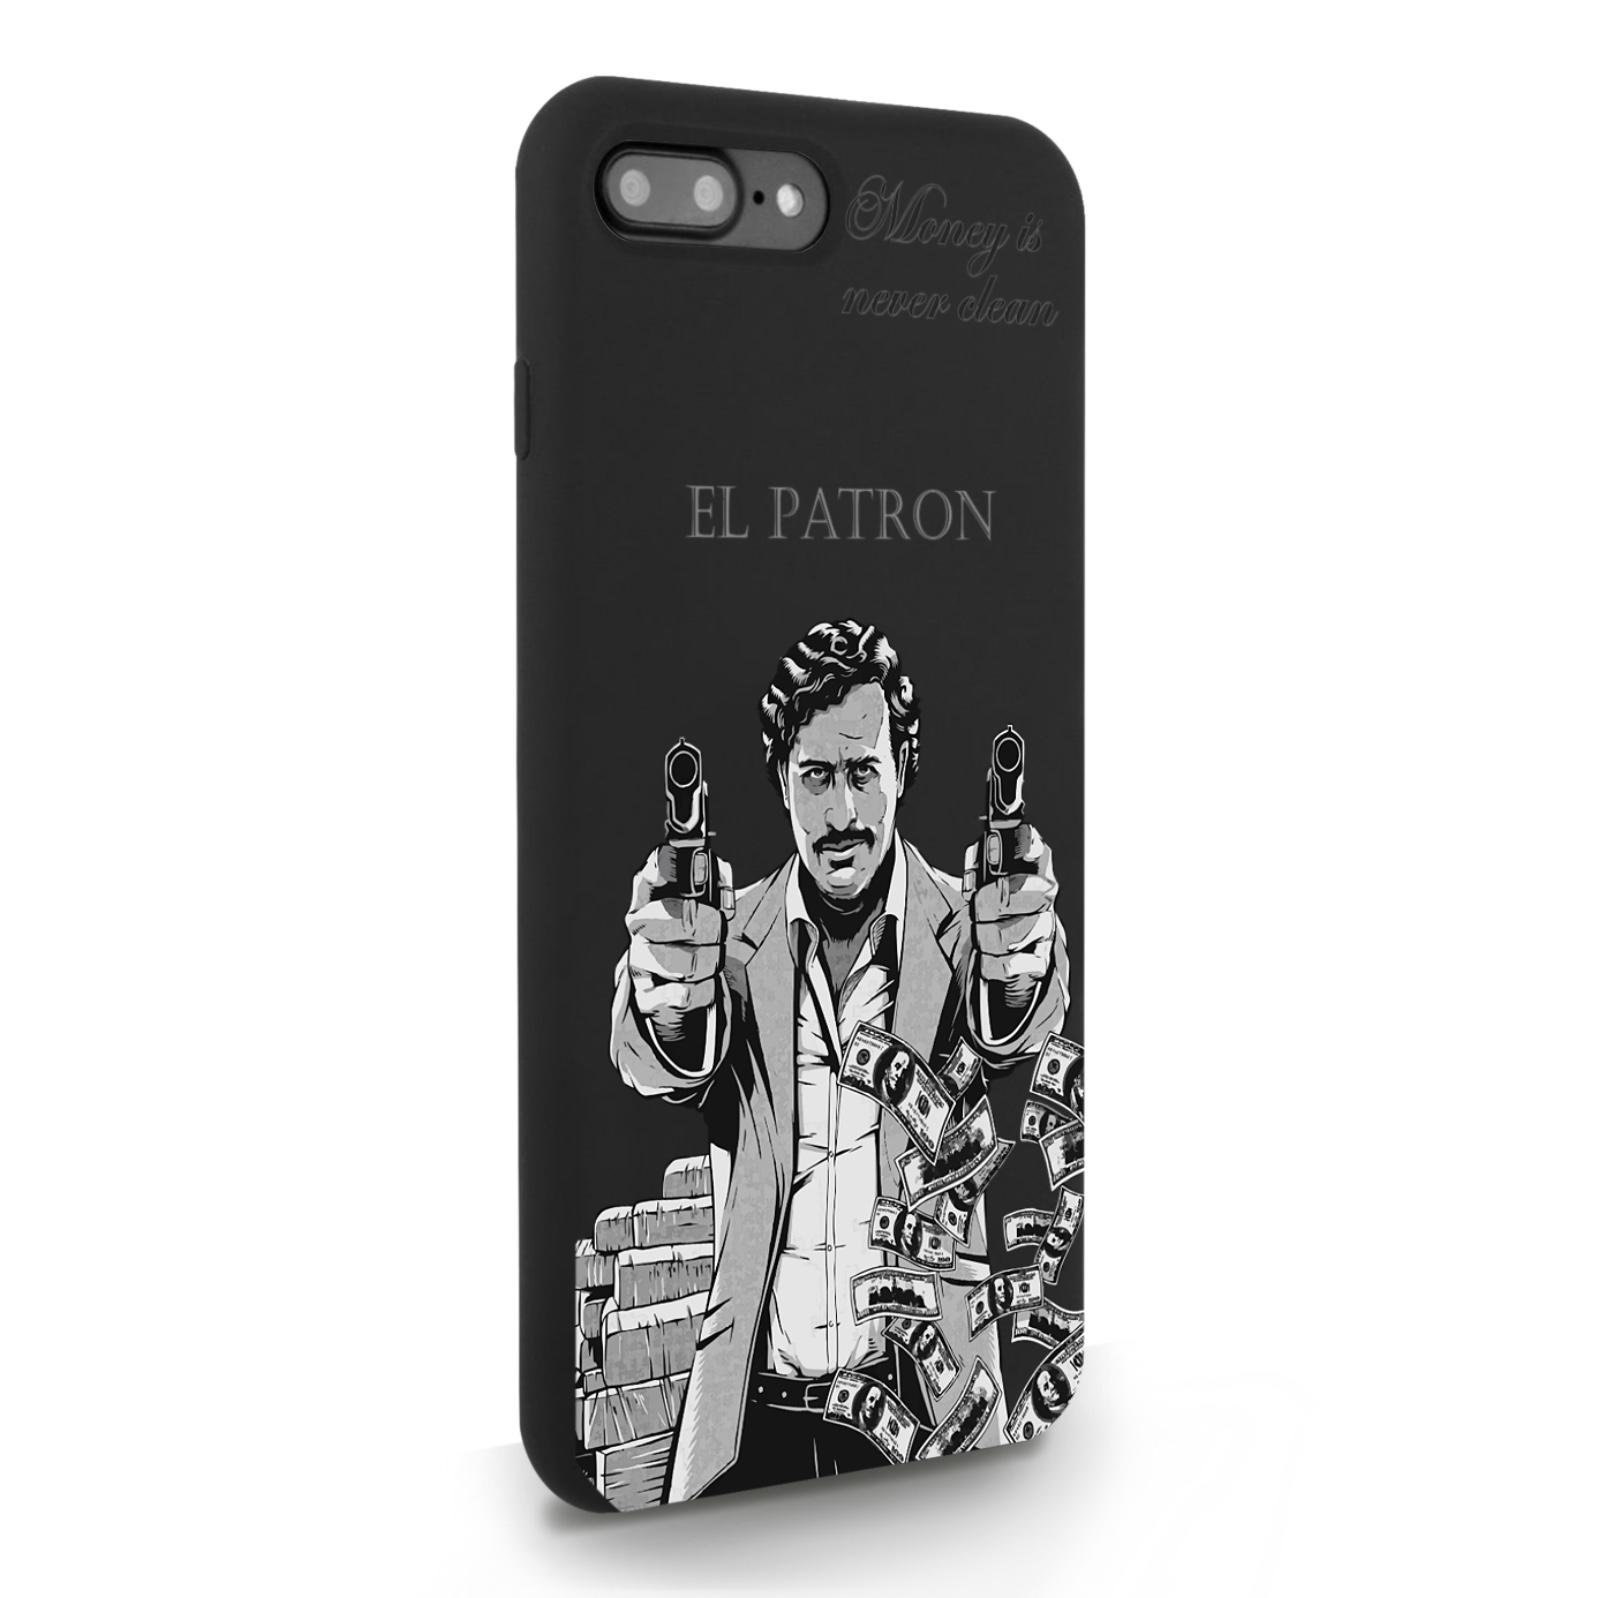 Черный силиконовый чехол для iPhone 7/8 Plus El Patron Pablo Escobar Пабло Эскобар для Айфон 7/8 Плюс